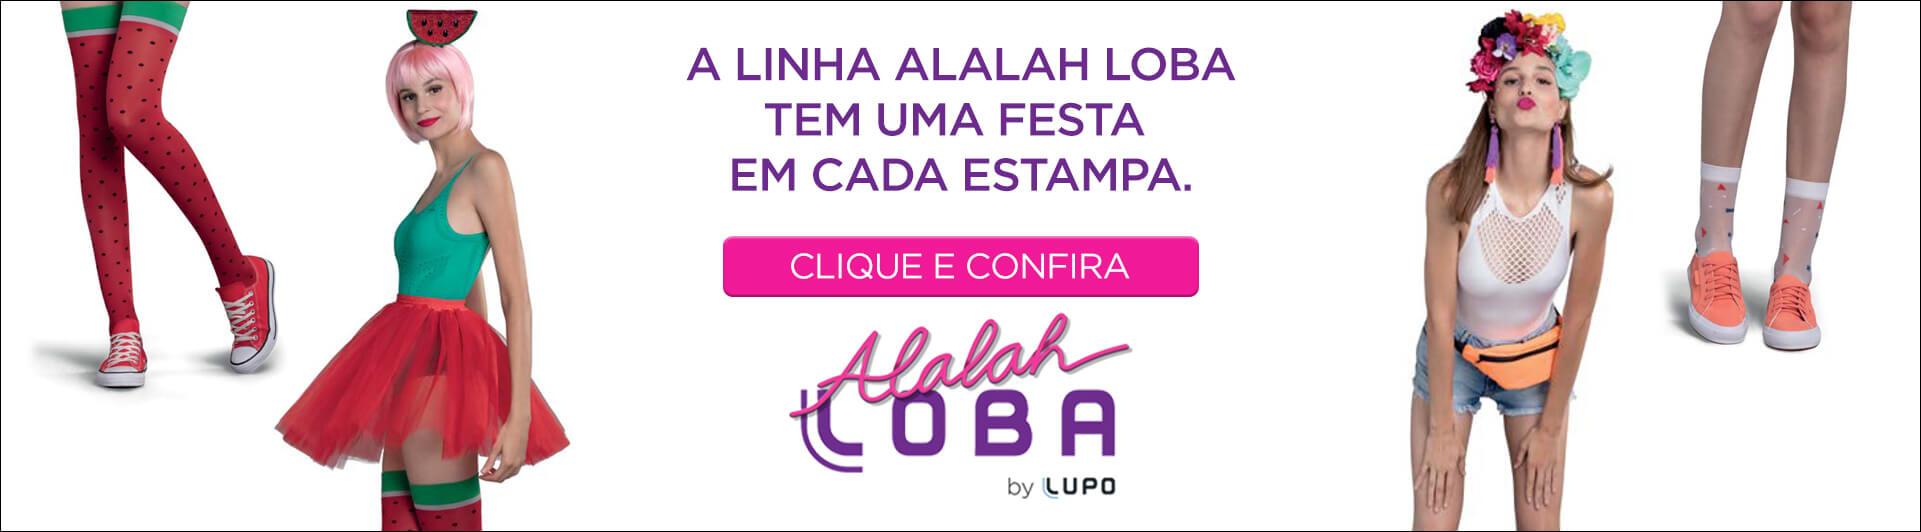 Alalah Loba